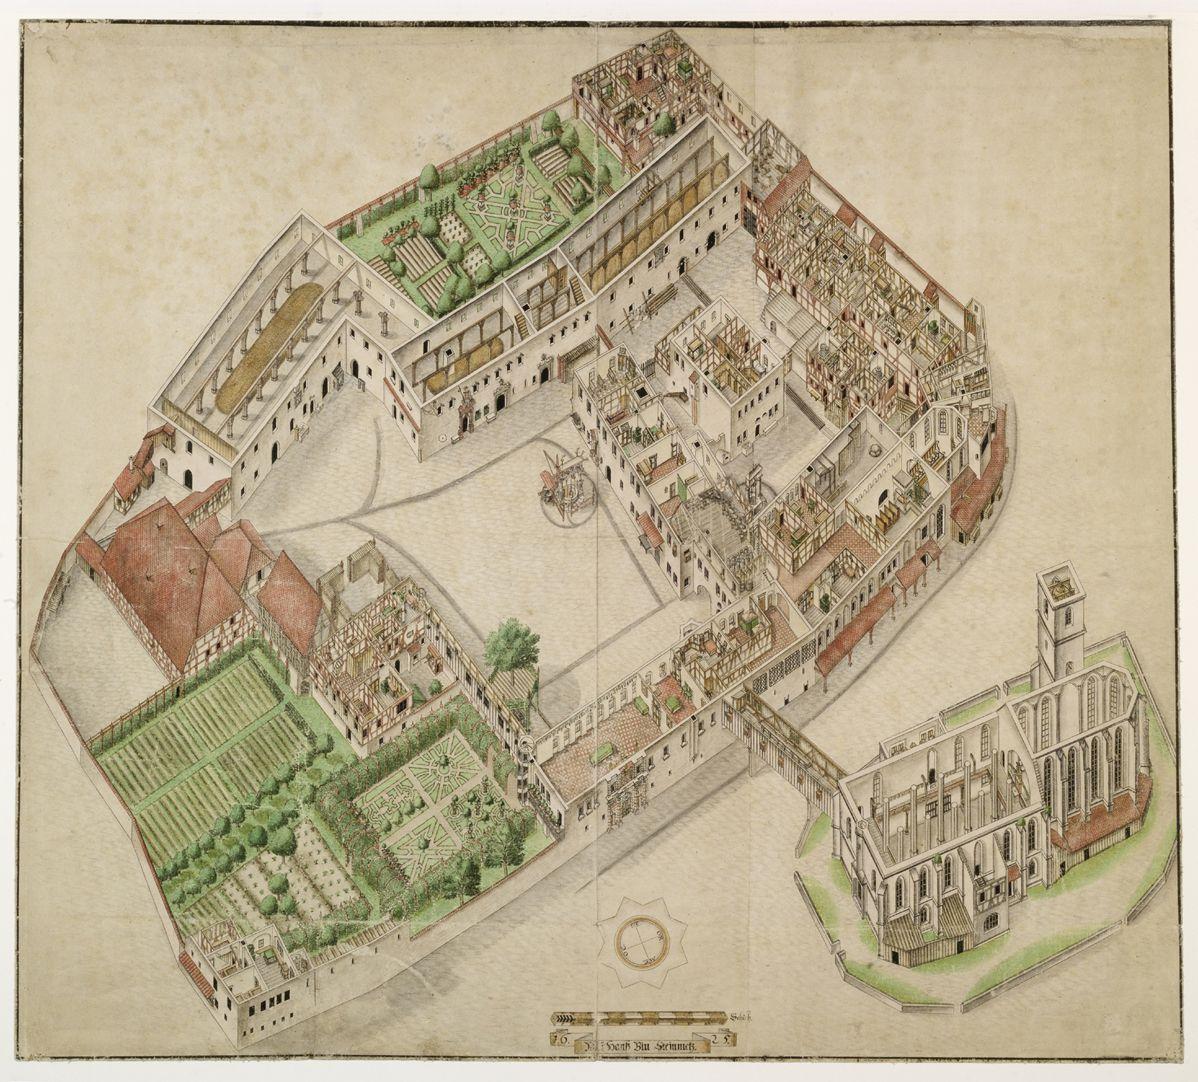 Isometrische Darstellung des Deutschen Hauses zu Nürnberg aus der Vogelschau mit Einblick in die obersten Geschosse Gesamtareal. Es handelt sich um die bis Dato genaueste Bestandsaufnahme eines Gebäudekomplexes überhaupt, das bis auf uns gekommen ist.